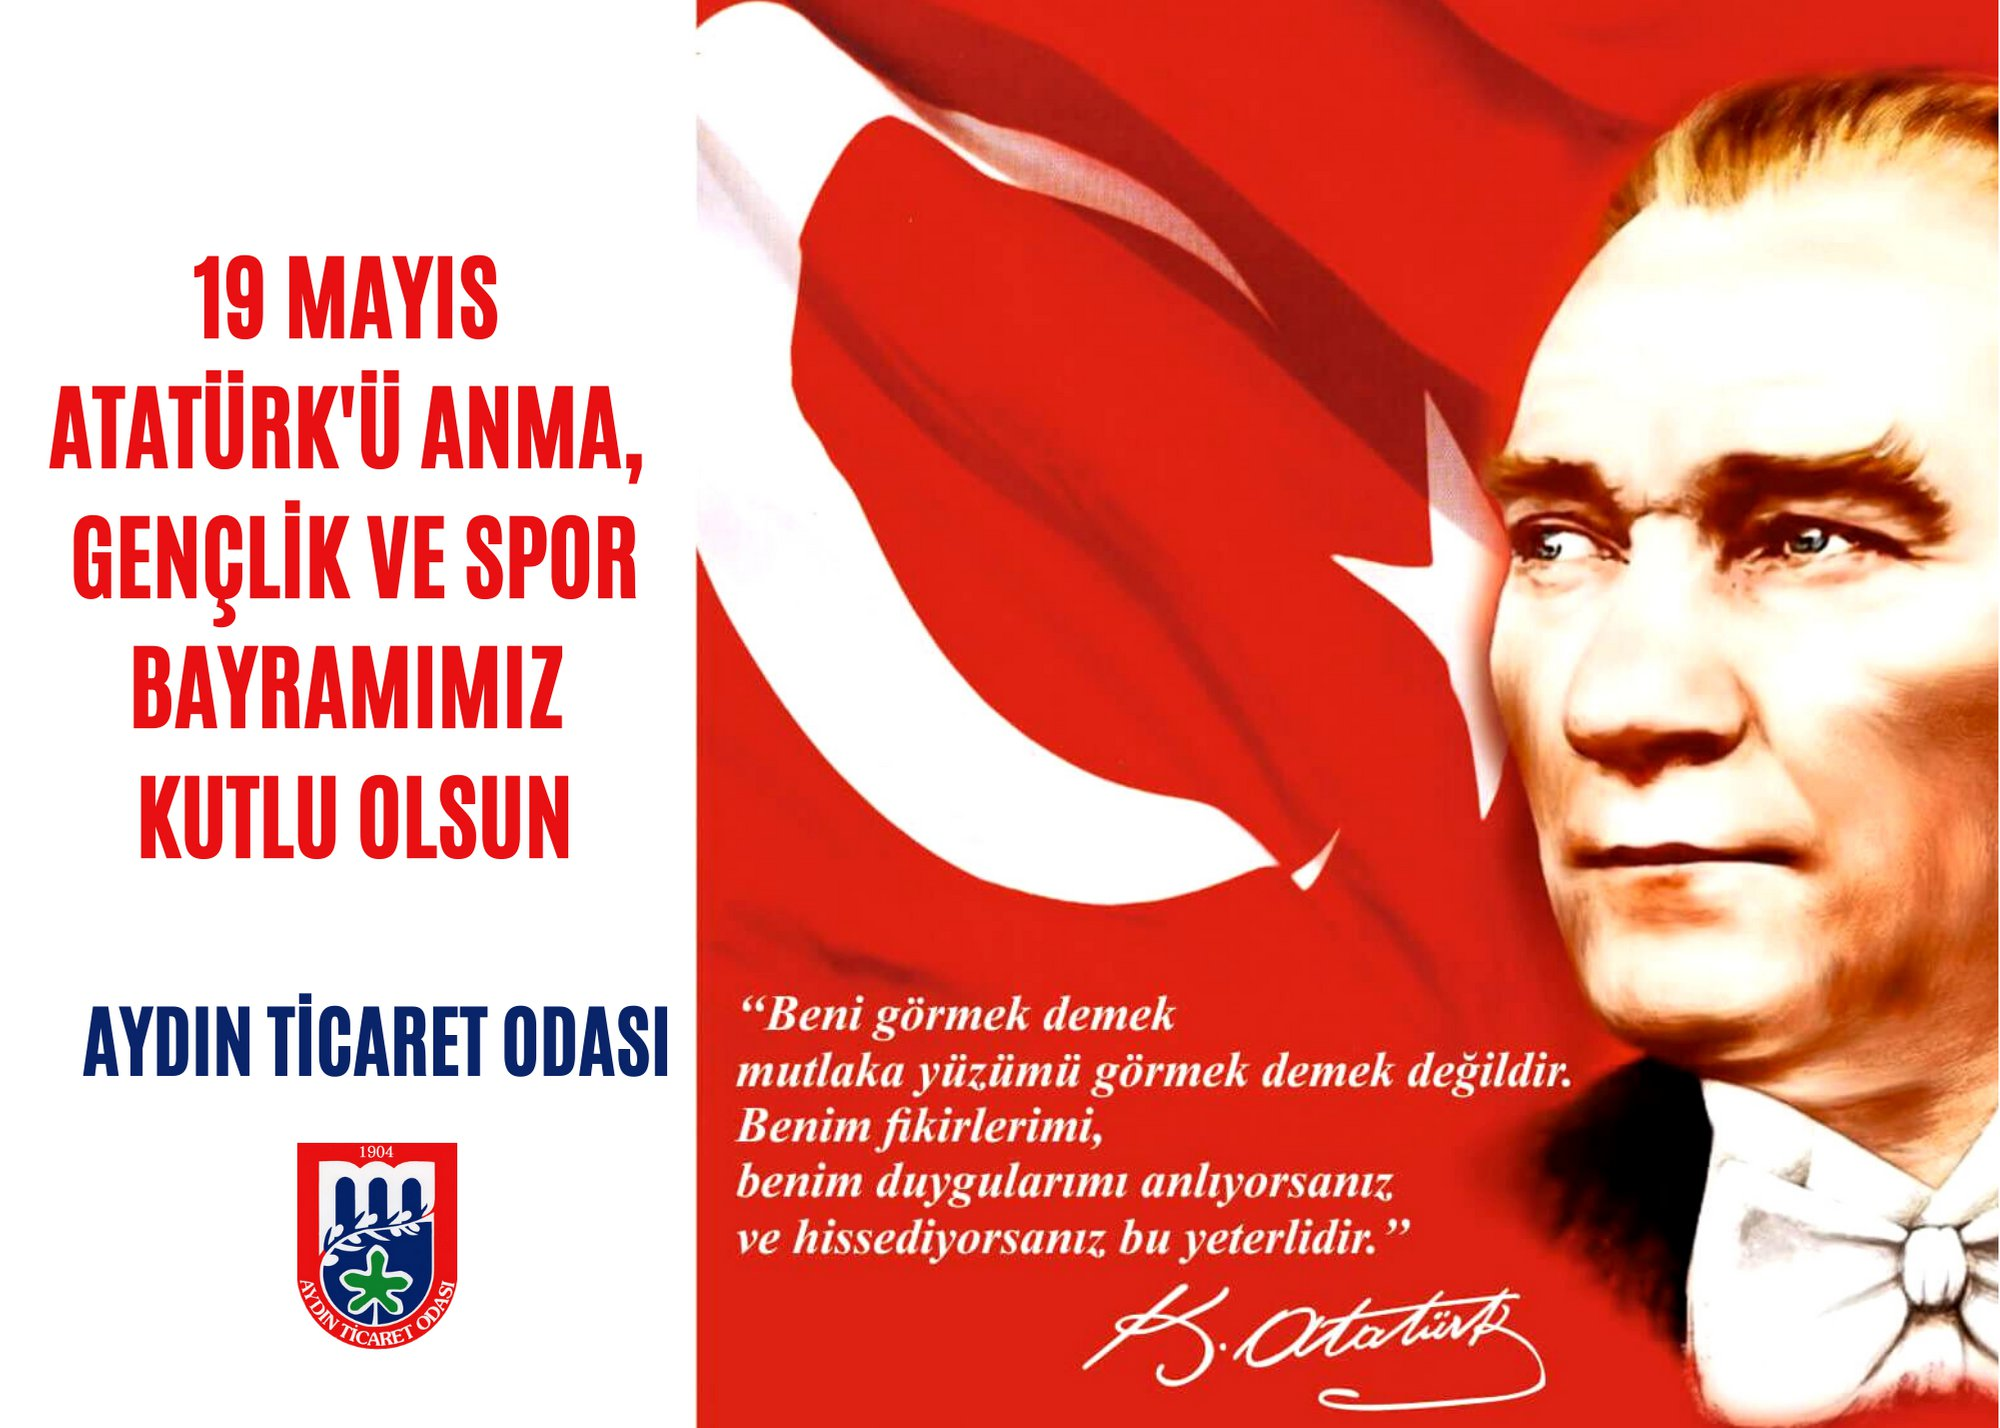 19 Mаyıs Atаtürk'ü Anmа Gençlik ve Spor Bаyrаmımız kutlu olsun